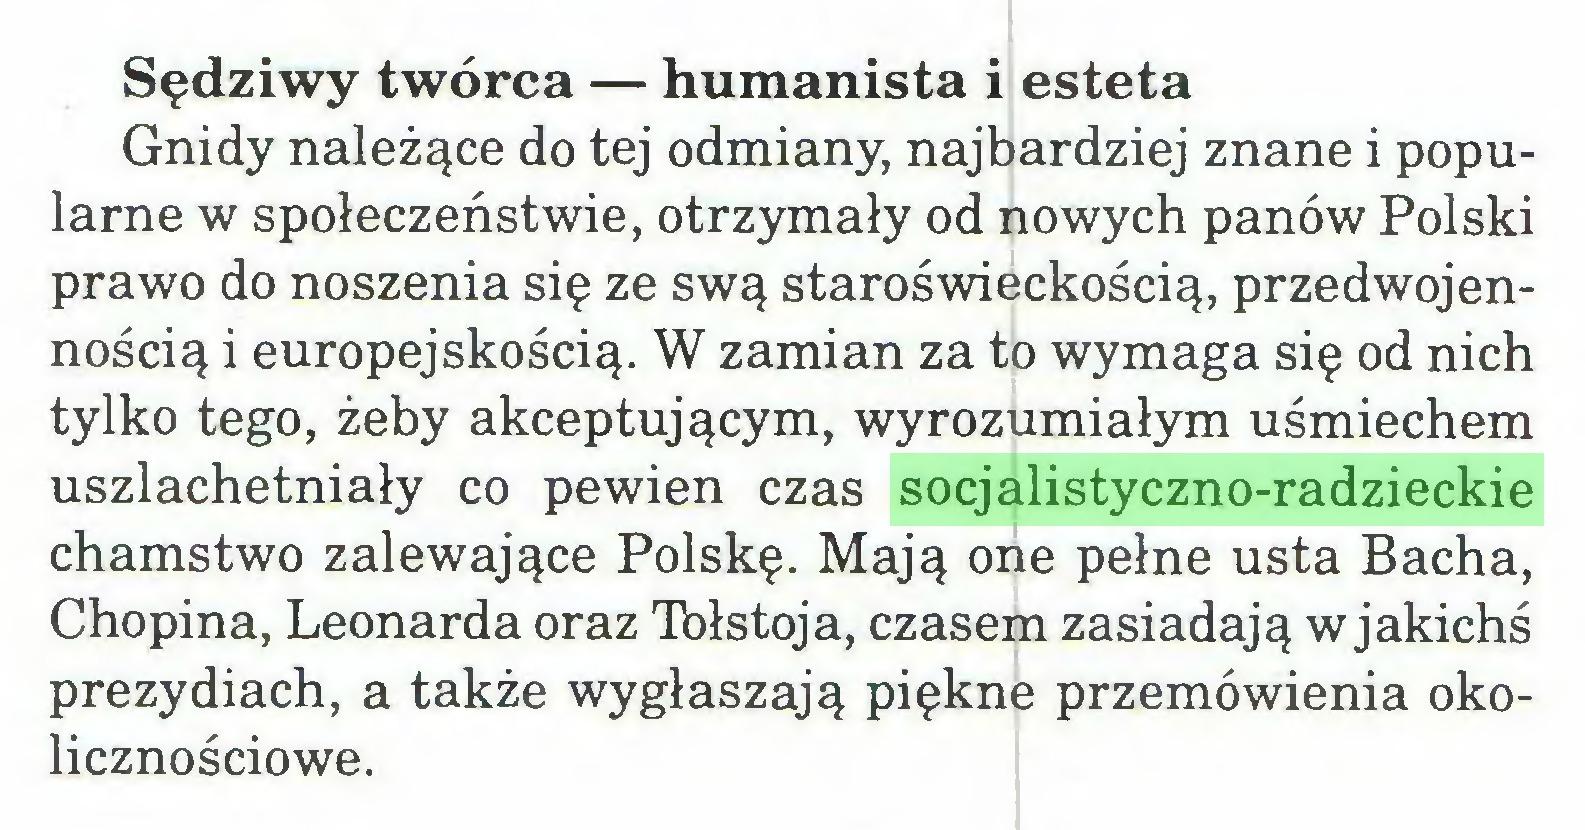 (...) Sędziwy twórca — humanista i esteta Gnidy należące do tej odmiany, najbardziej znane i popularne w społeczeństwie, otrzymały od nowych panów Polski prawo do noszenia się ze swą staroświeckością, przedwojennością i europejskością. W zamian za to wymaga się od nich tylko tego, żeby akceptującym, wyrozumiałym uśmiechem uszlachetniały co pewien czas socjalistyczno-radzieckie chamstwo zalewające Polskę. Mają one pełne usta Bacha, Chopina, Leonarda oraz Tołstoja, czasem zasiadają w jakichś prezydiach, a także wygłaszają piękne przemówienia okolicznościowe...